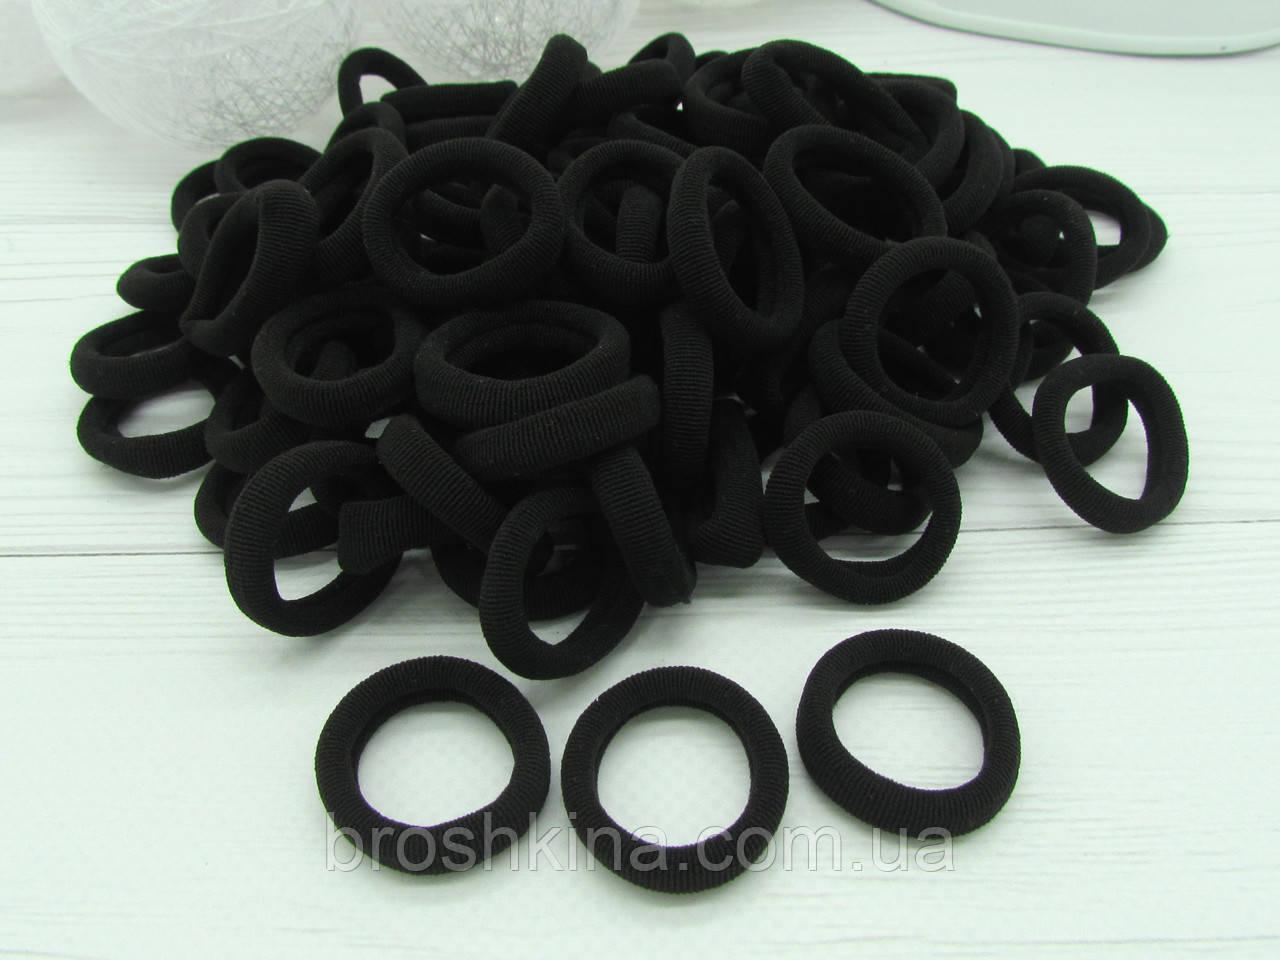 Гумки для волосся мікрофібра Ø2.5 см чорні, 100 шт/уп